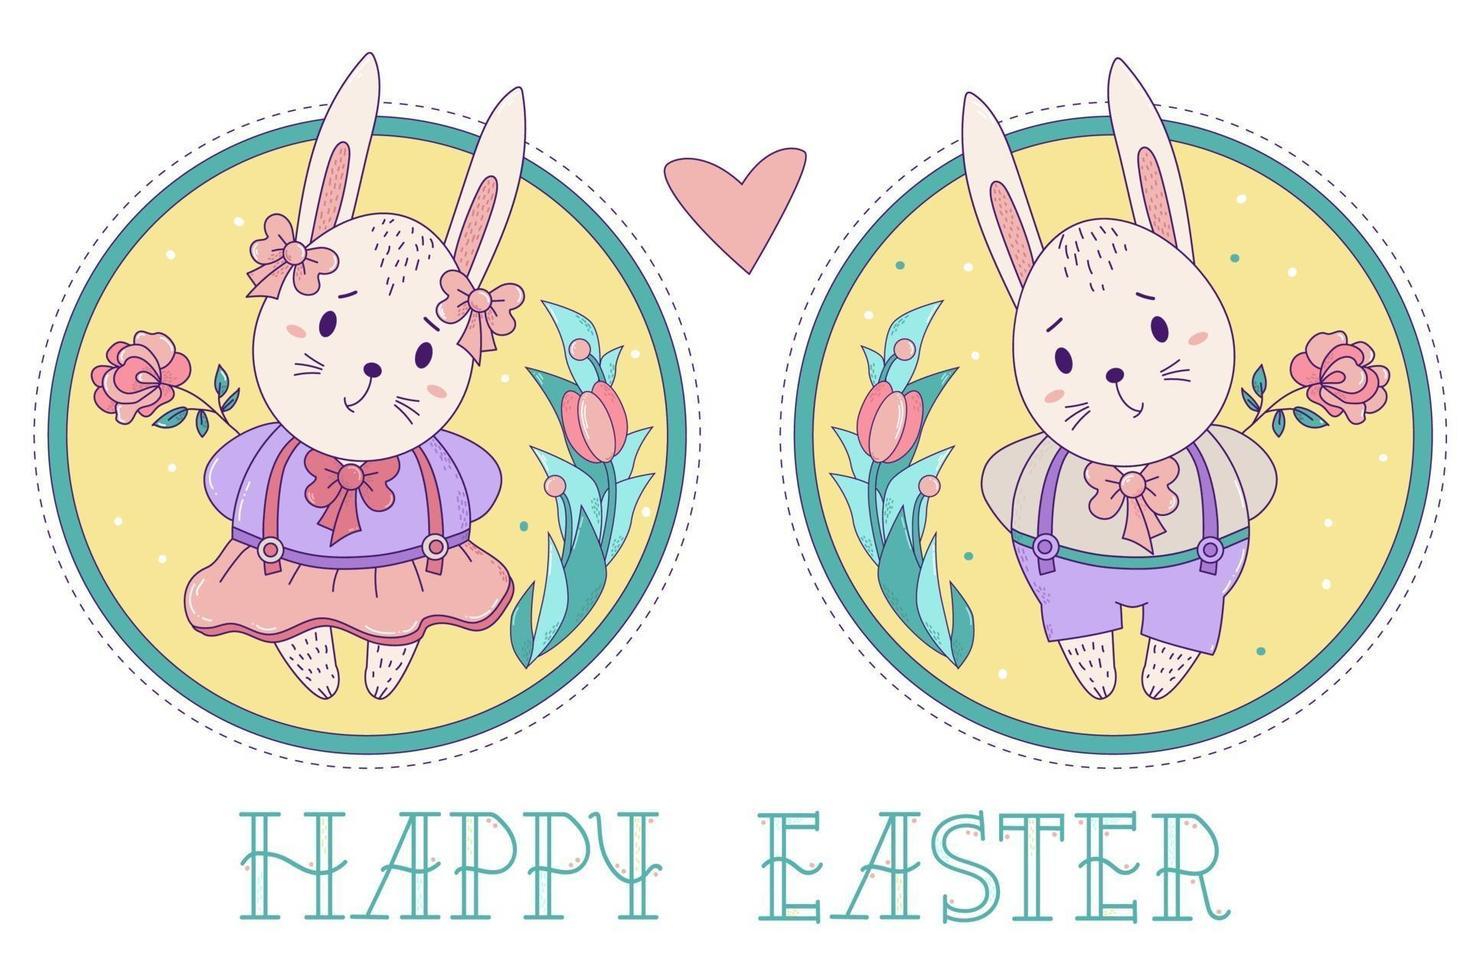 um par de coelhos bonitos. coelhinha da Páscoa em uma saia e um menino de shorts com uma rosa em um fundo redondo decorativo com um buquê de flores. ilustração vetorial. feliz páscoa cartão postal vetor